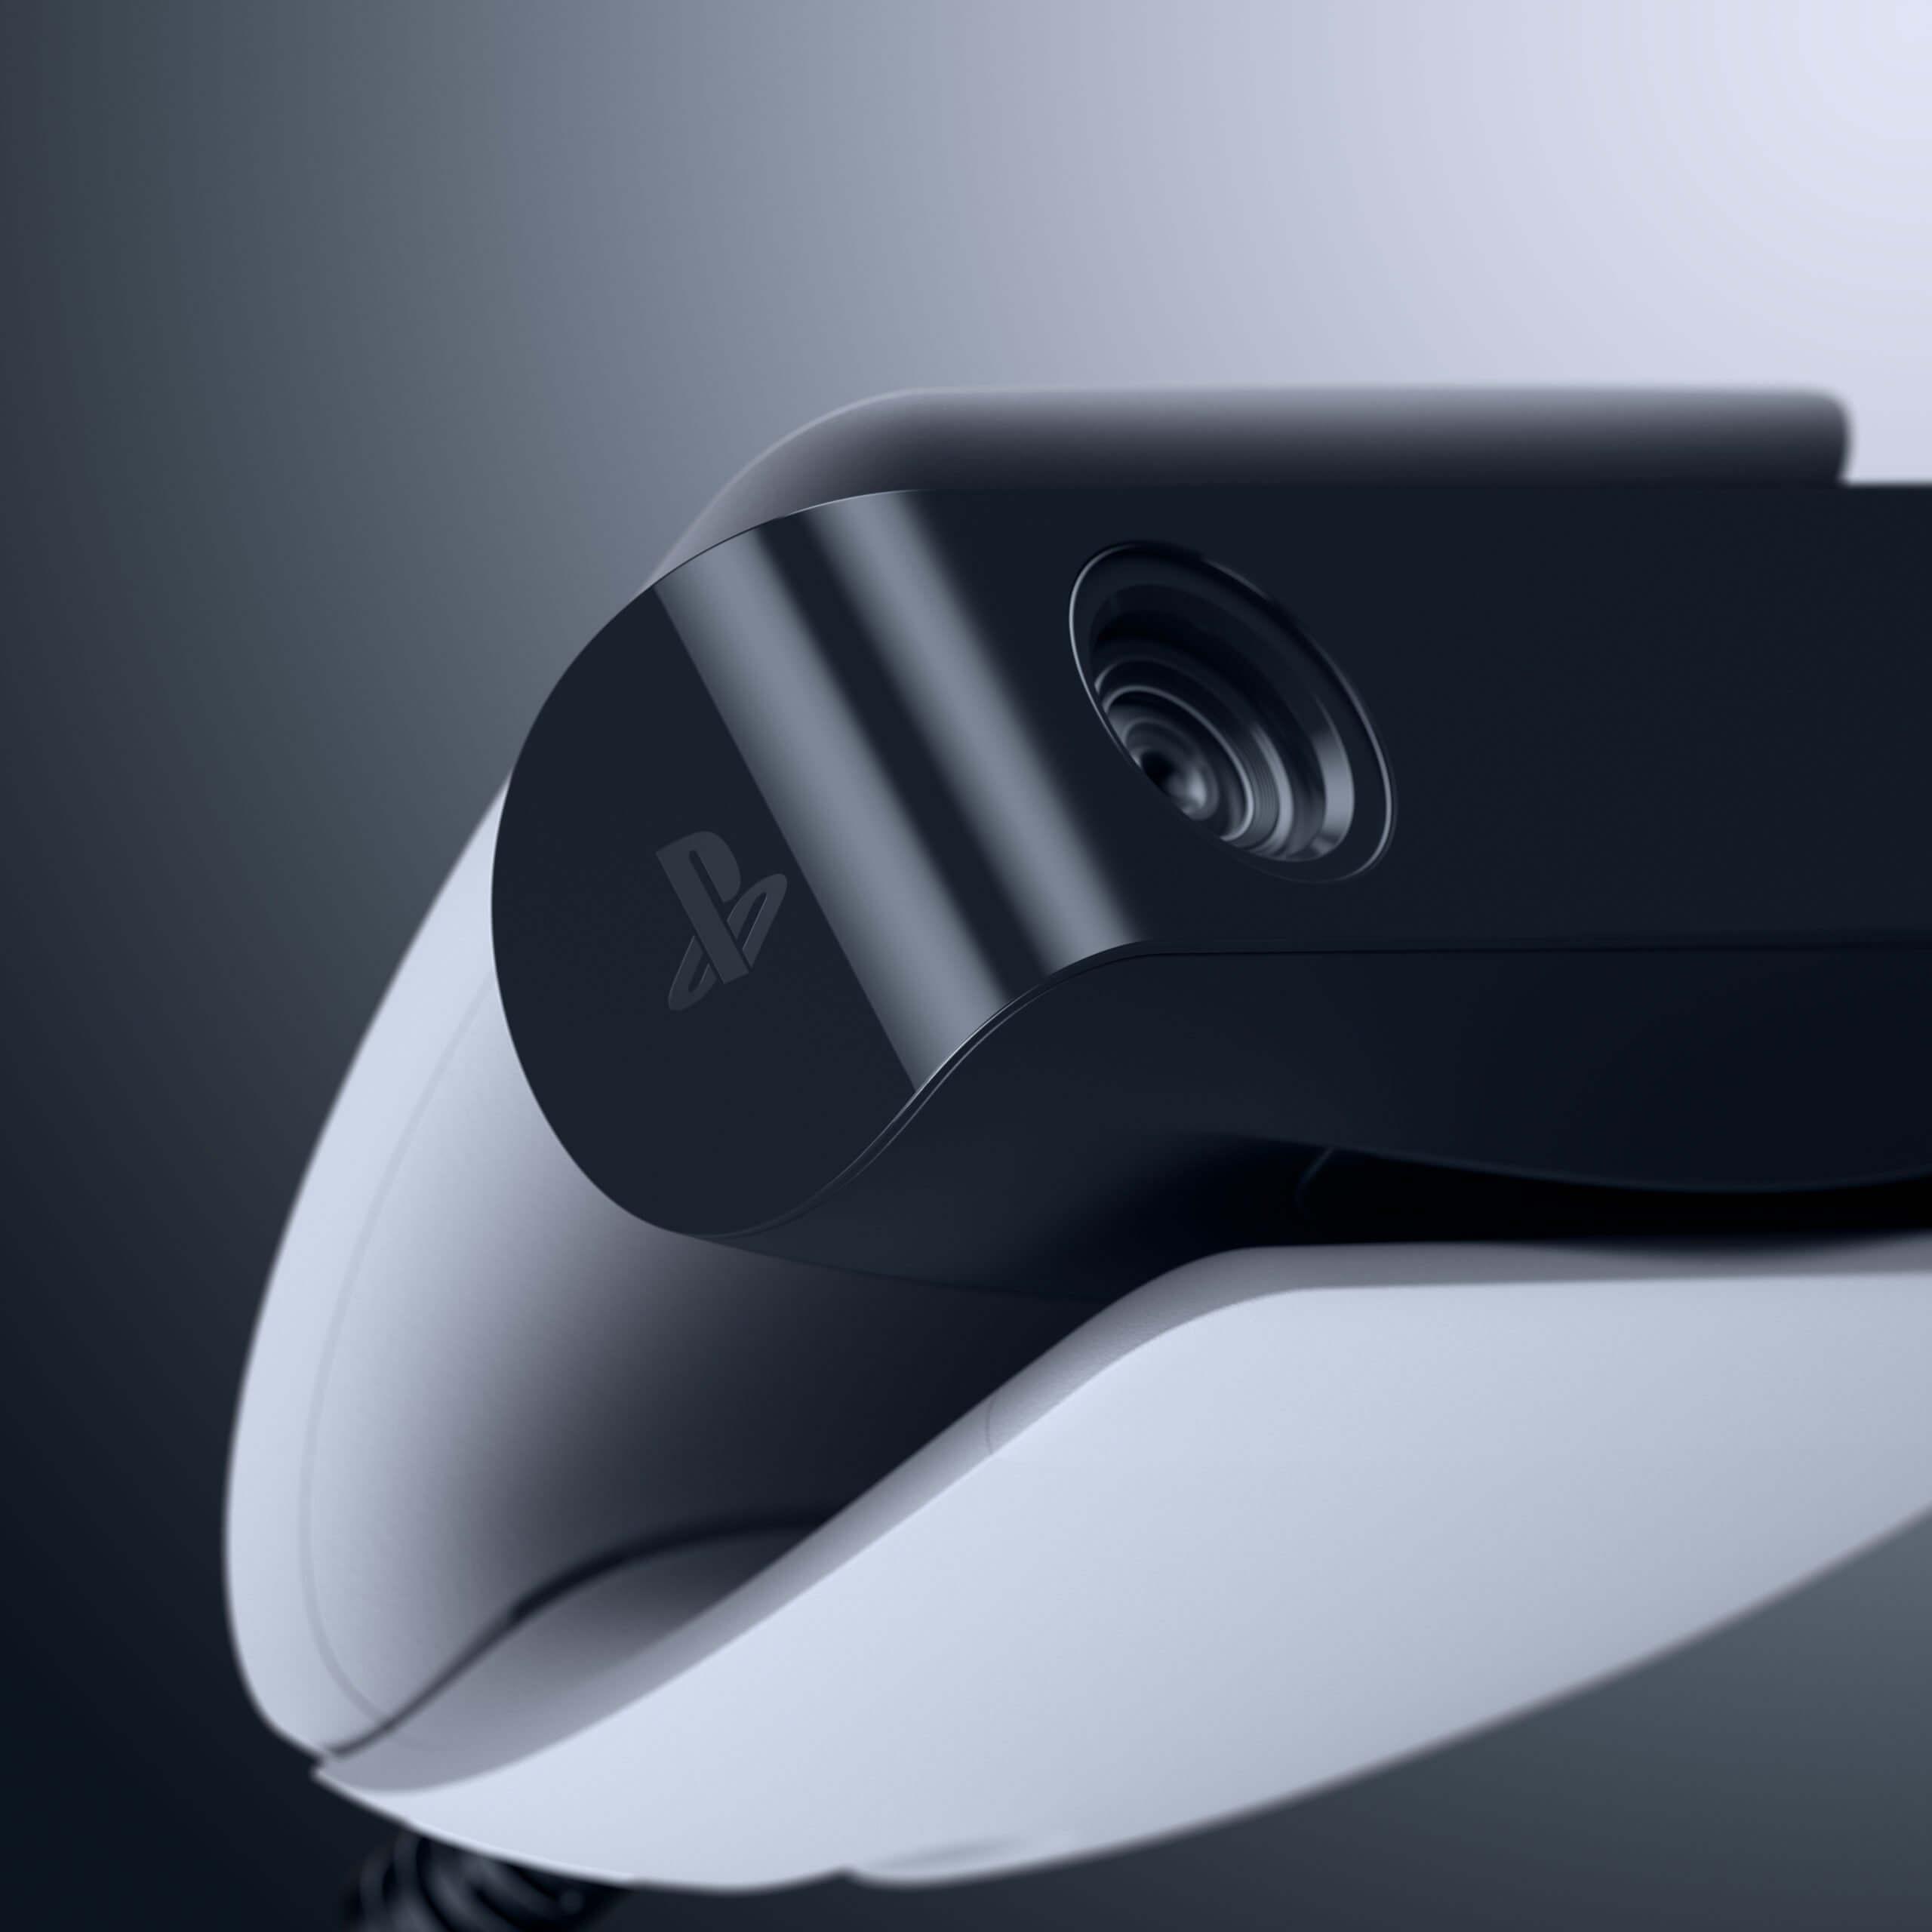 نمایی نزدیک از دوربین HD PS5